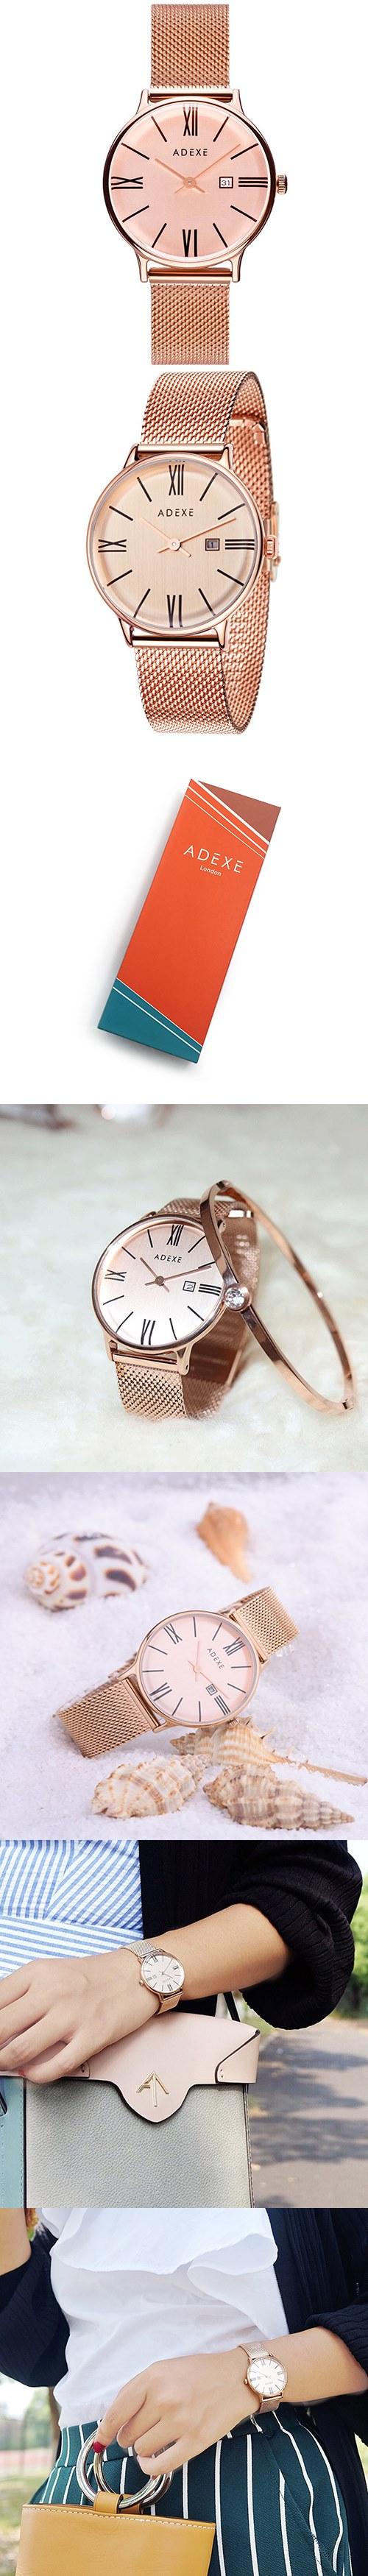 (複製)ADEXE|英國時尚手錶 Sistine羅馬刻度系列 黑錶盤x黑錶框米蘭錶帶42mm 1886A-06